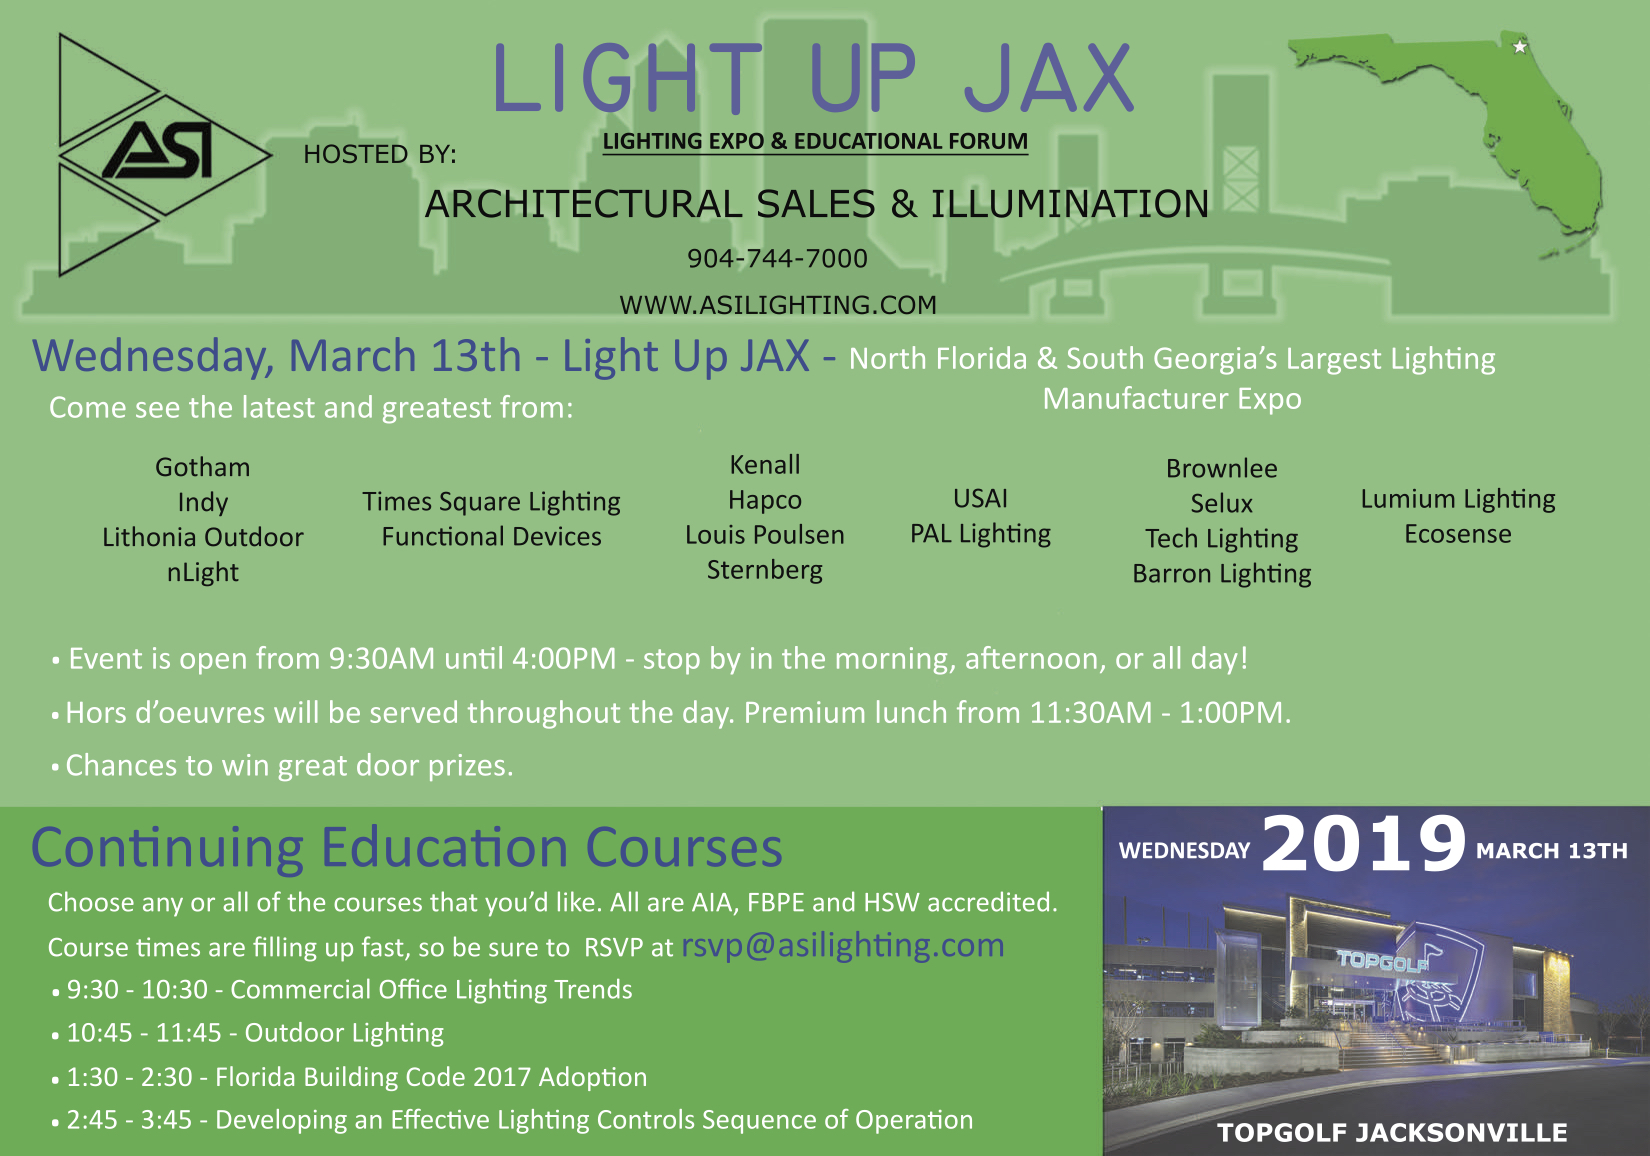 Light UP JAX 2019  Invitation.jpg